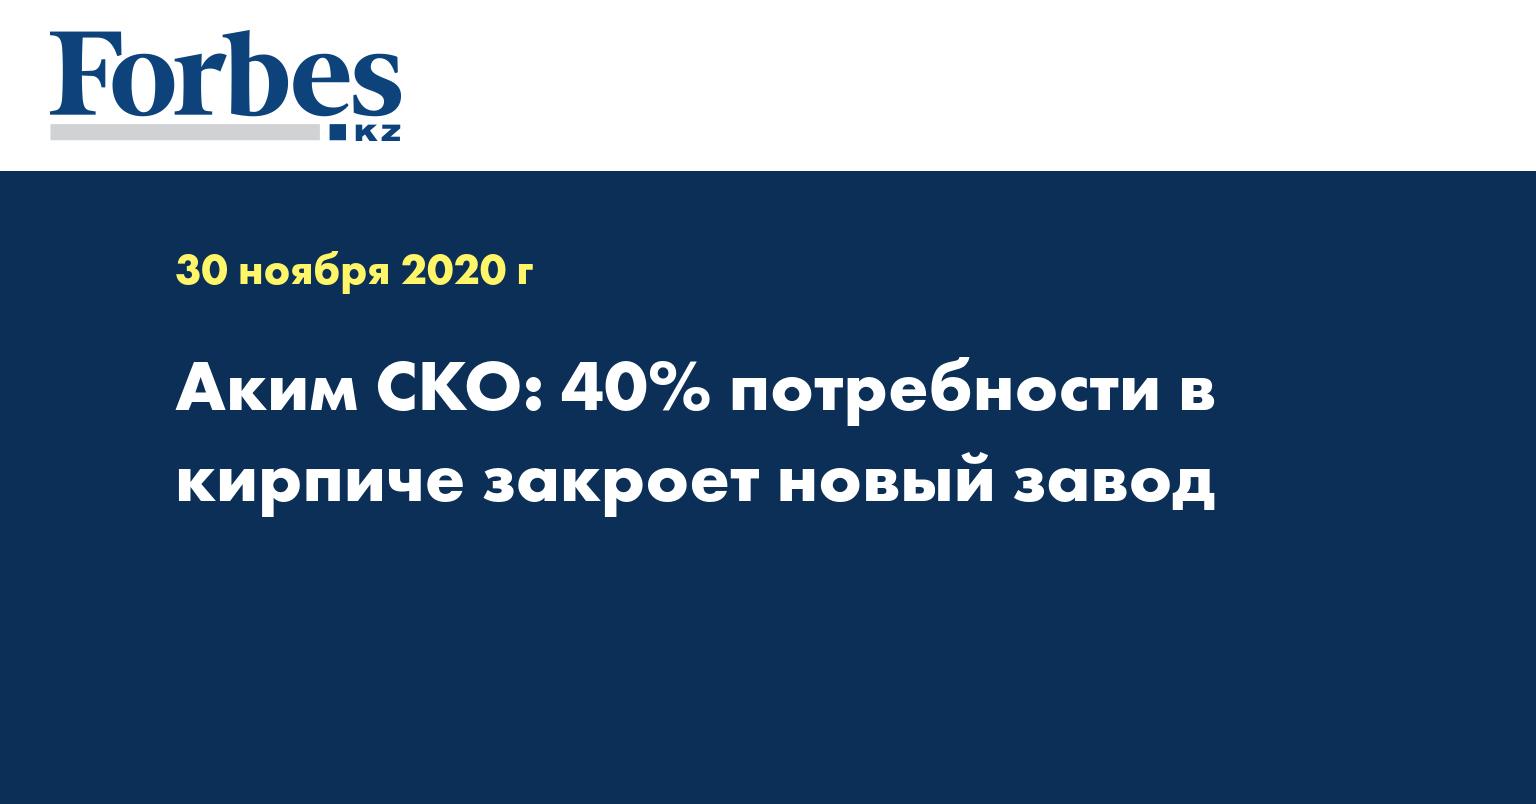 Аким СКО: 40% потребности в кирпиче закроет новый завод